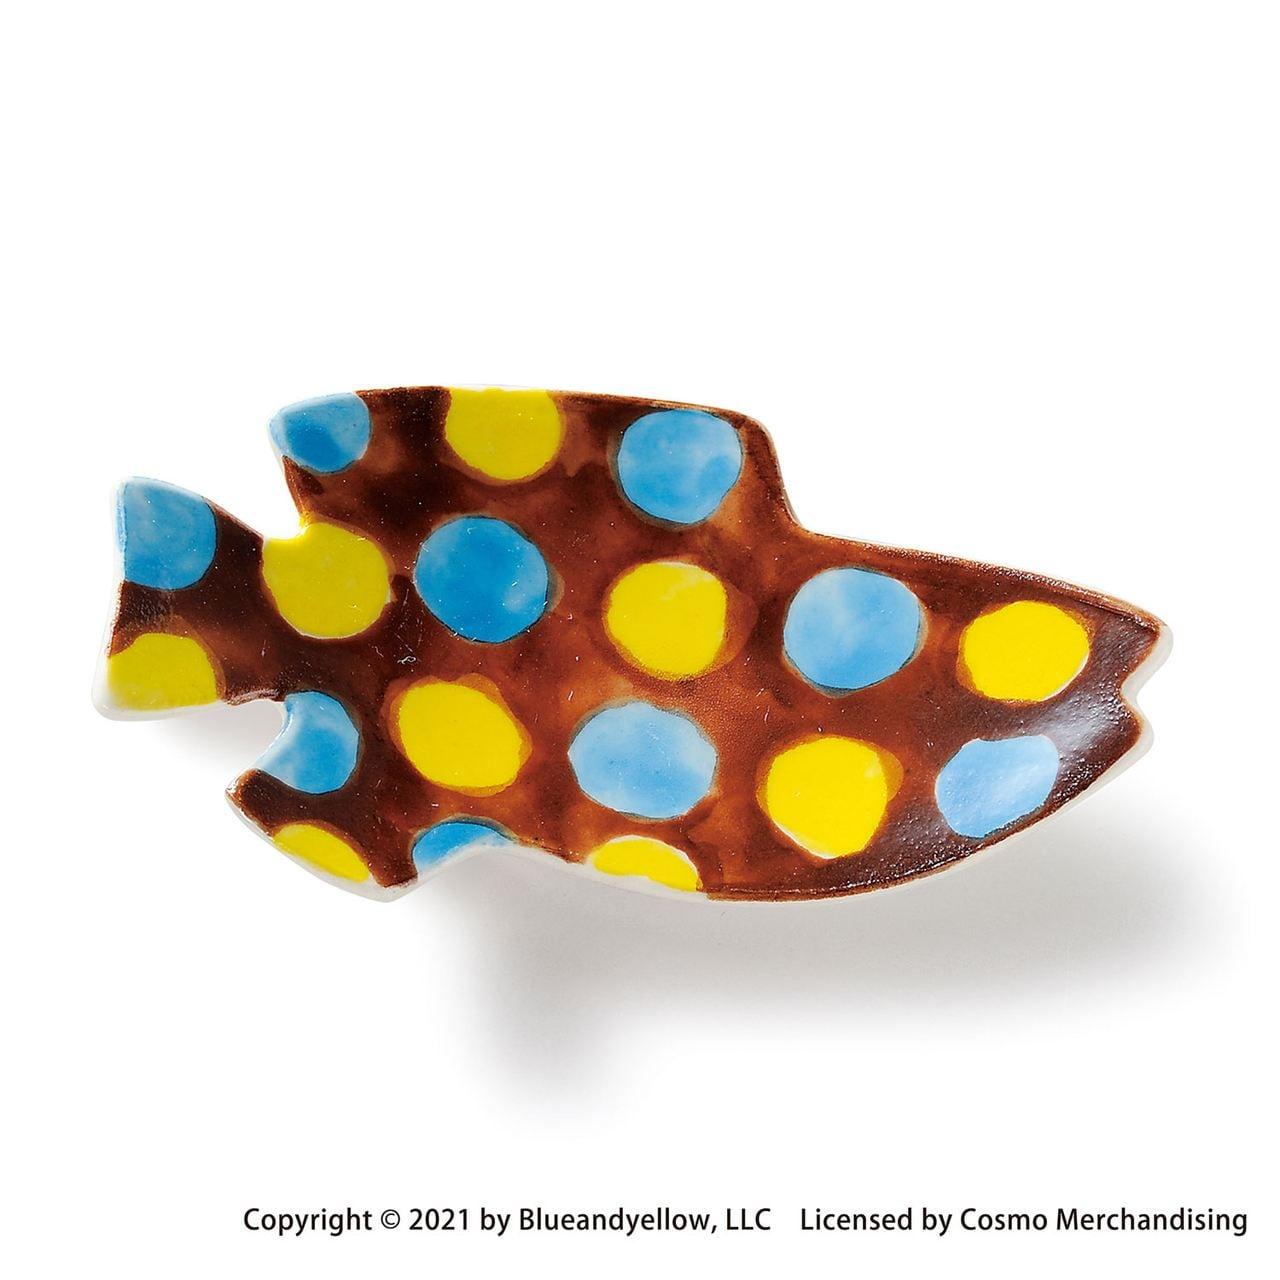 レオ・レオニ 豆皿 小皿 ミニ 皿 約8×4cm スイミー 青黄茶 瀬戸焼 278220